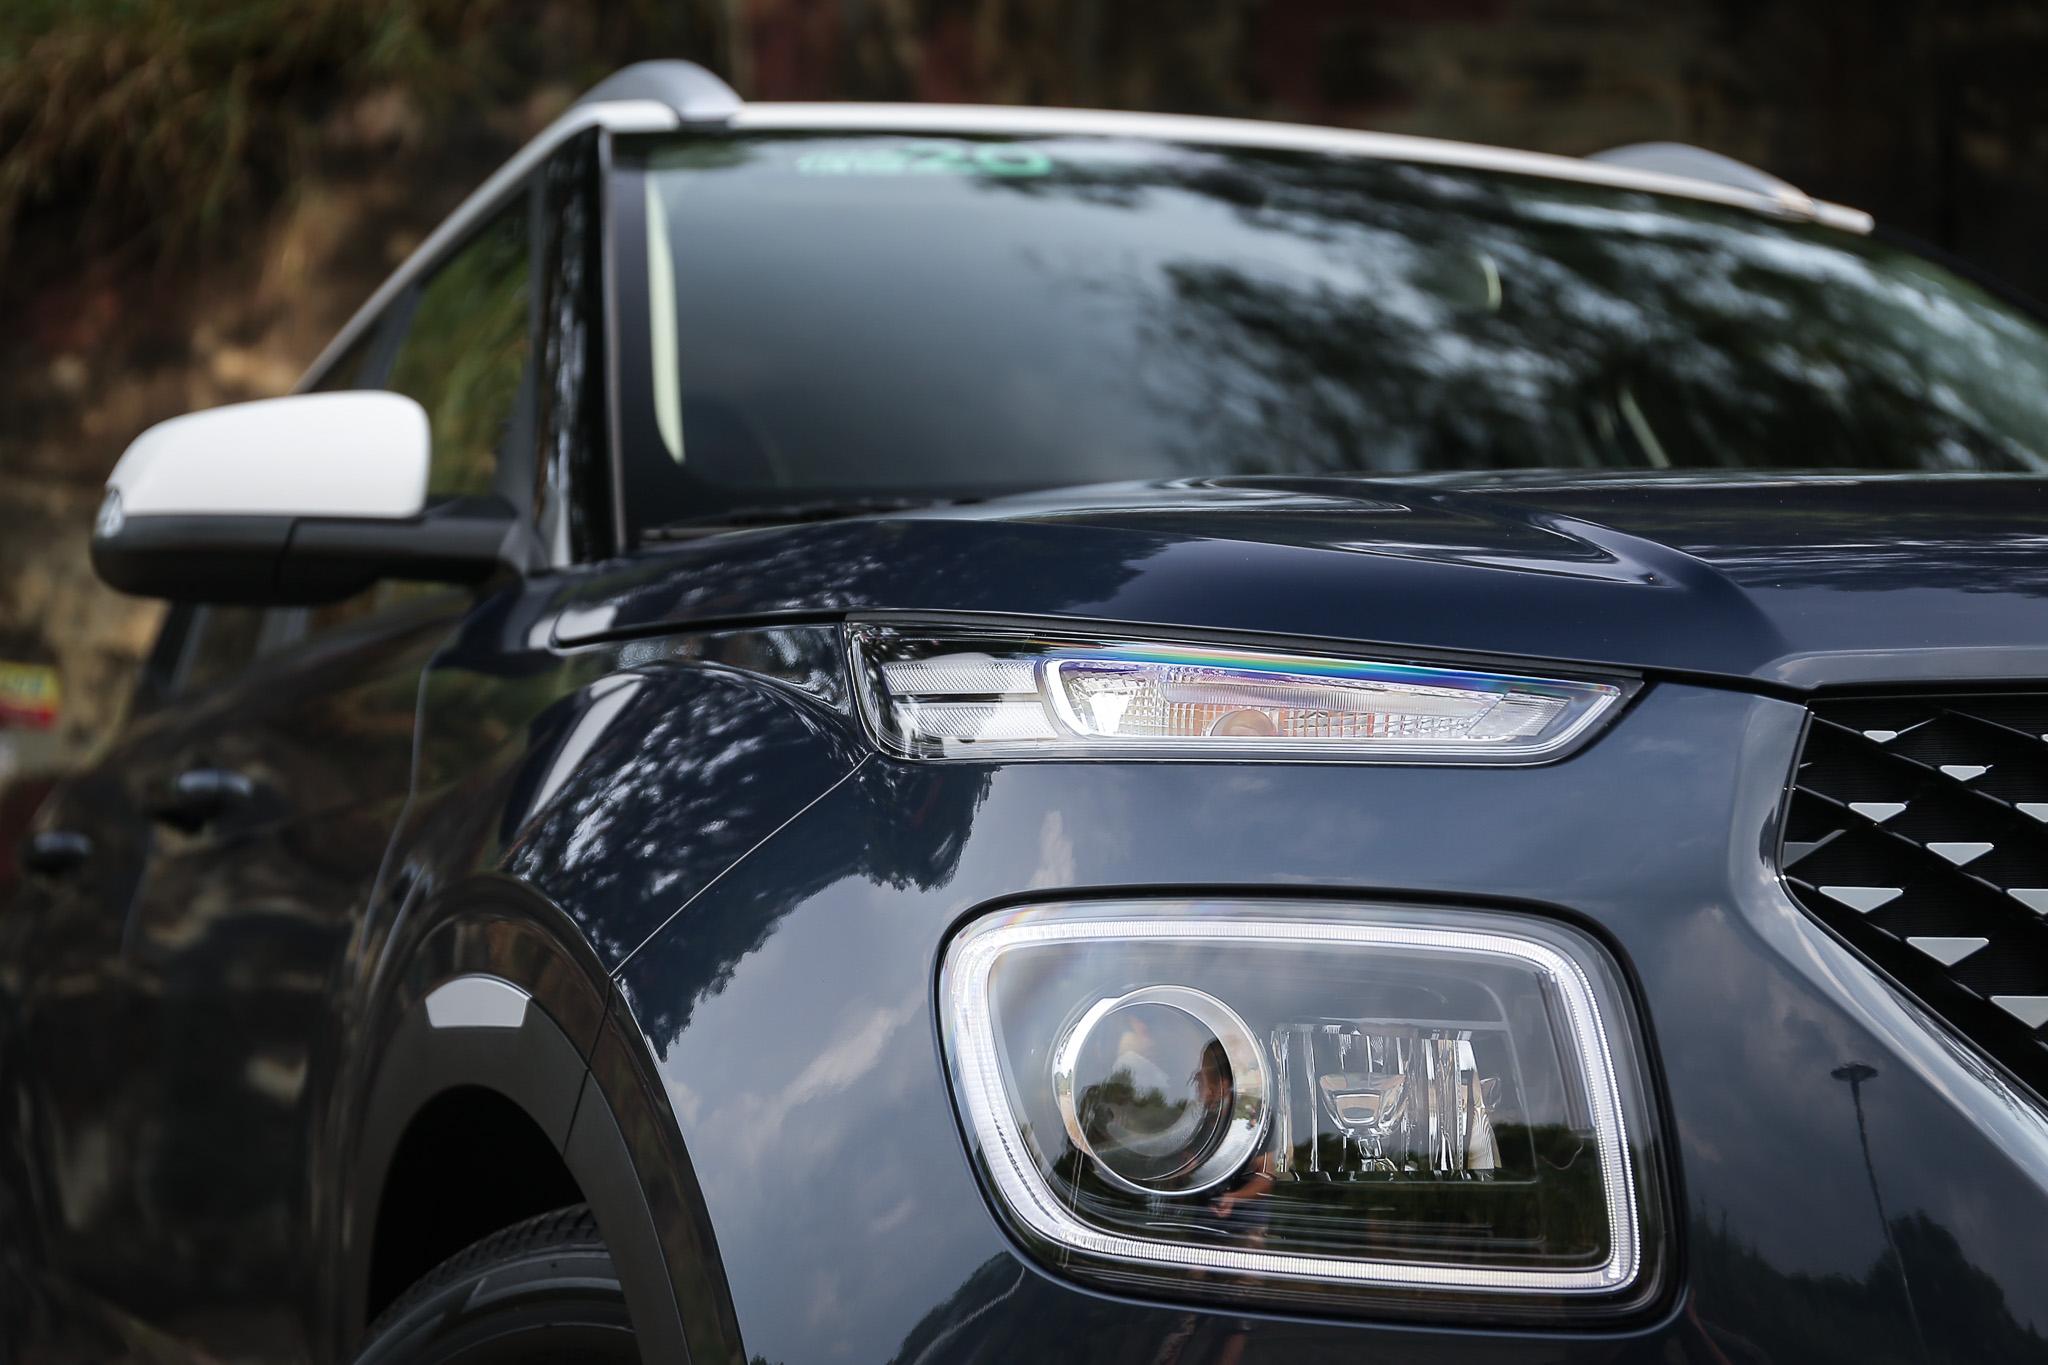 分離式頭燈為近年來 Hyundai 的家族設計特色,大燈為傳統投射式,在 GLC 等級上使用 LED 日行光環規格。